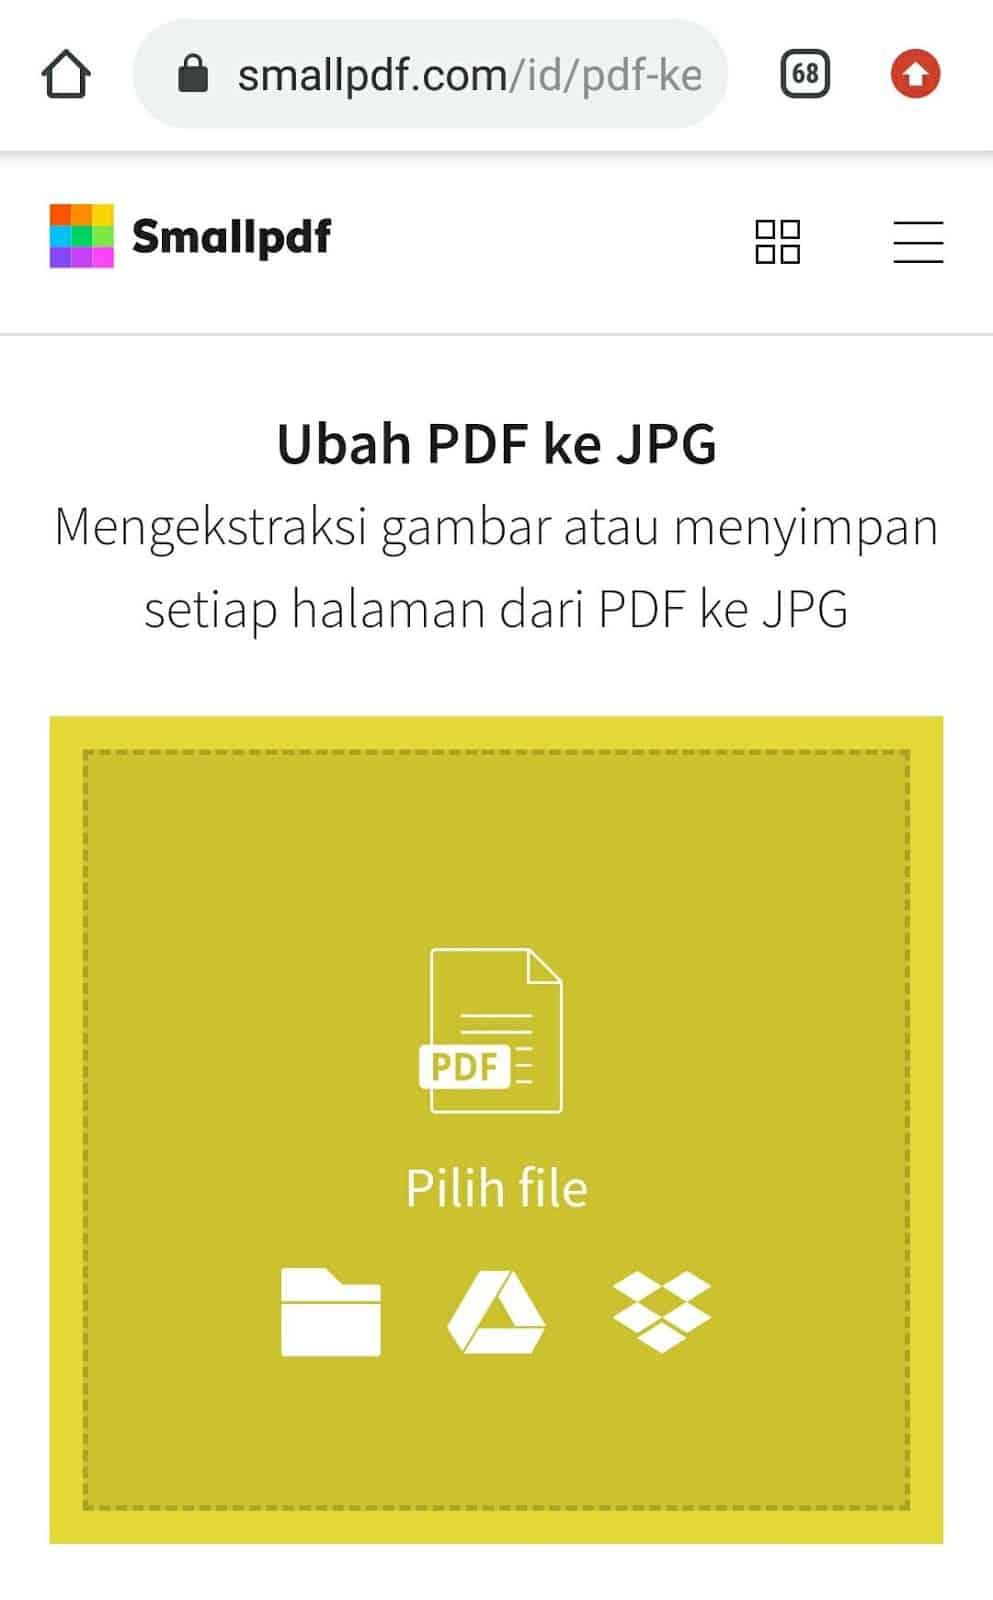 Lalu-Anda-dapat-mengunggah-file-PDF-yang-ingin-Anda-ubah-menjadi-format-file-JPG-dengan-cara-mengklik-Pilih-File